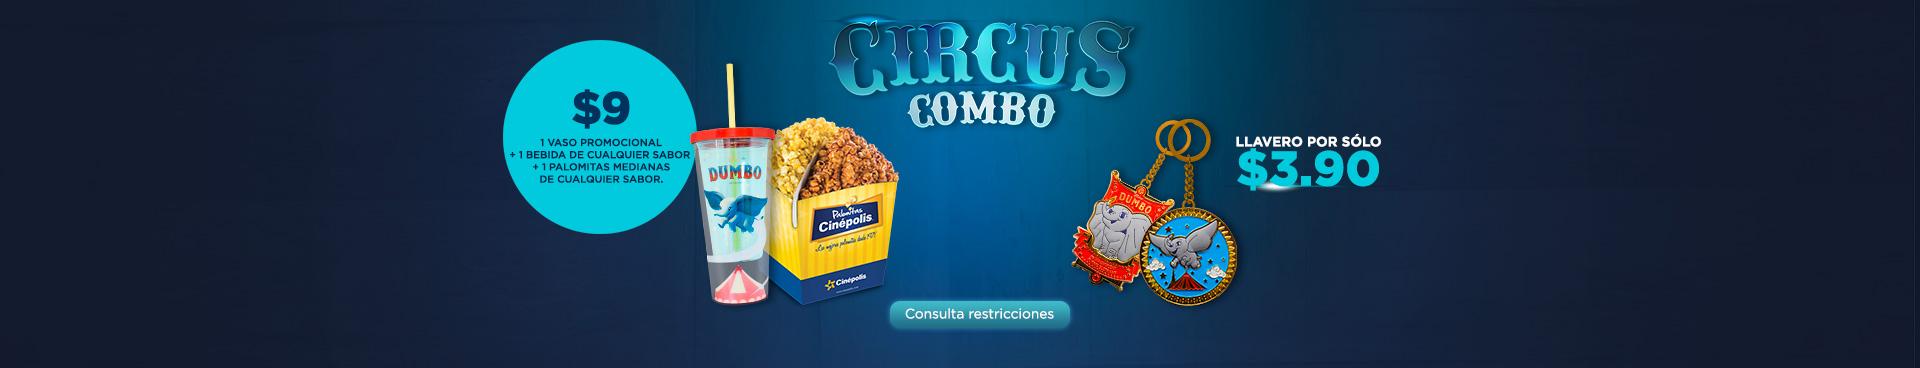 Promocionales-Dumbo